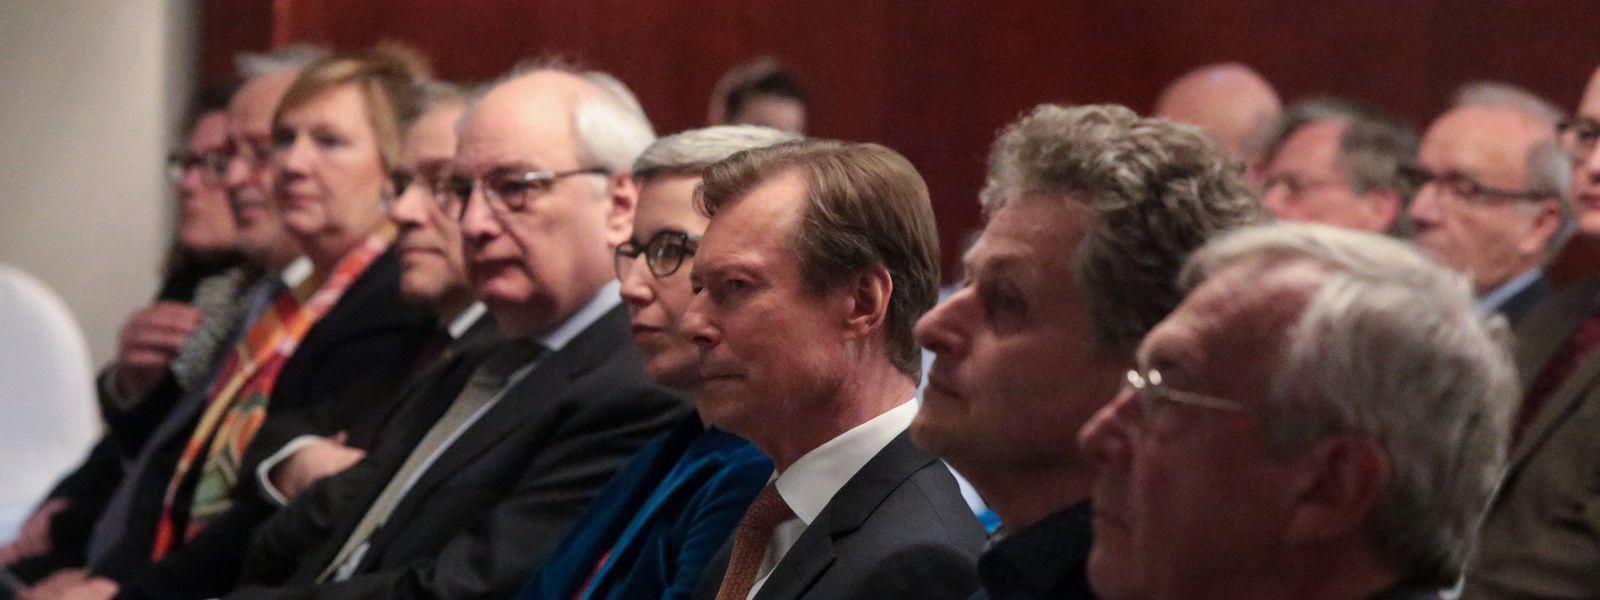 Die Anwesenden, darunter Großherzog Henri (M.), lauschten aufmerksam den Worten der Vortragenden.